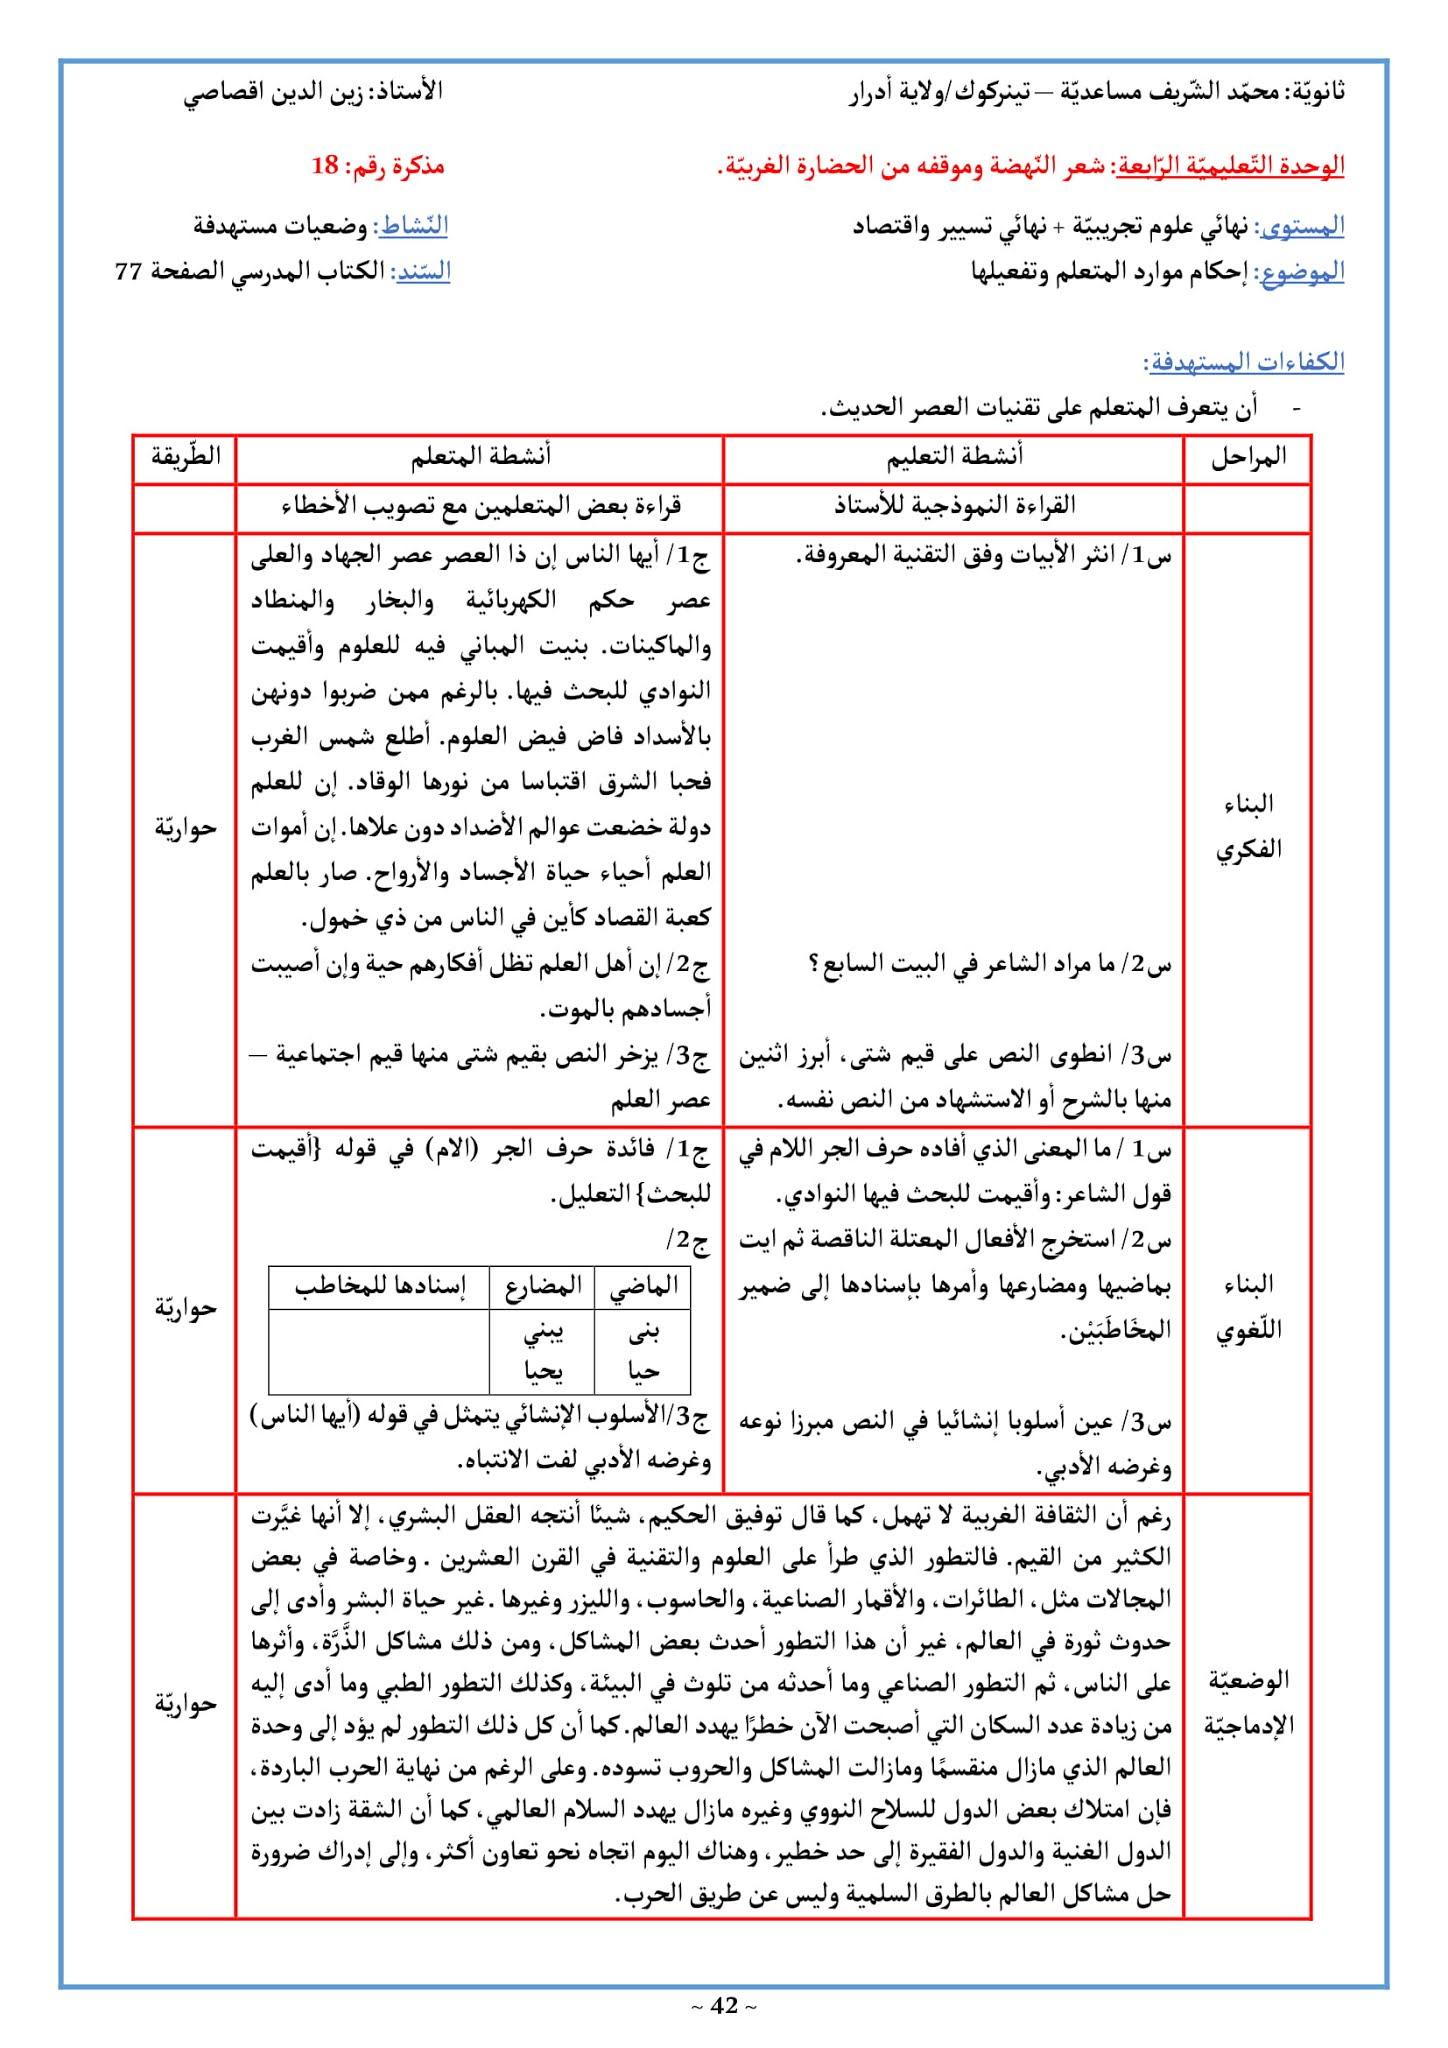 تحضير إحكام موارد المتعلم وتفعيلها 3 ثانوي علمي صفحة 77